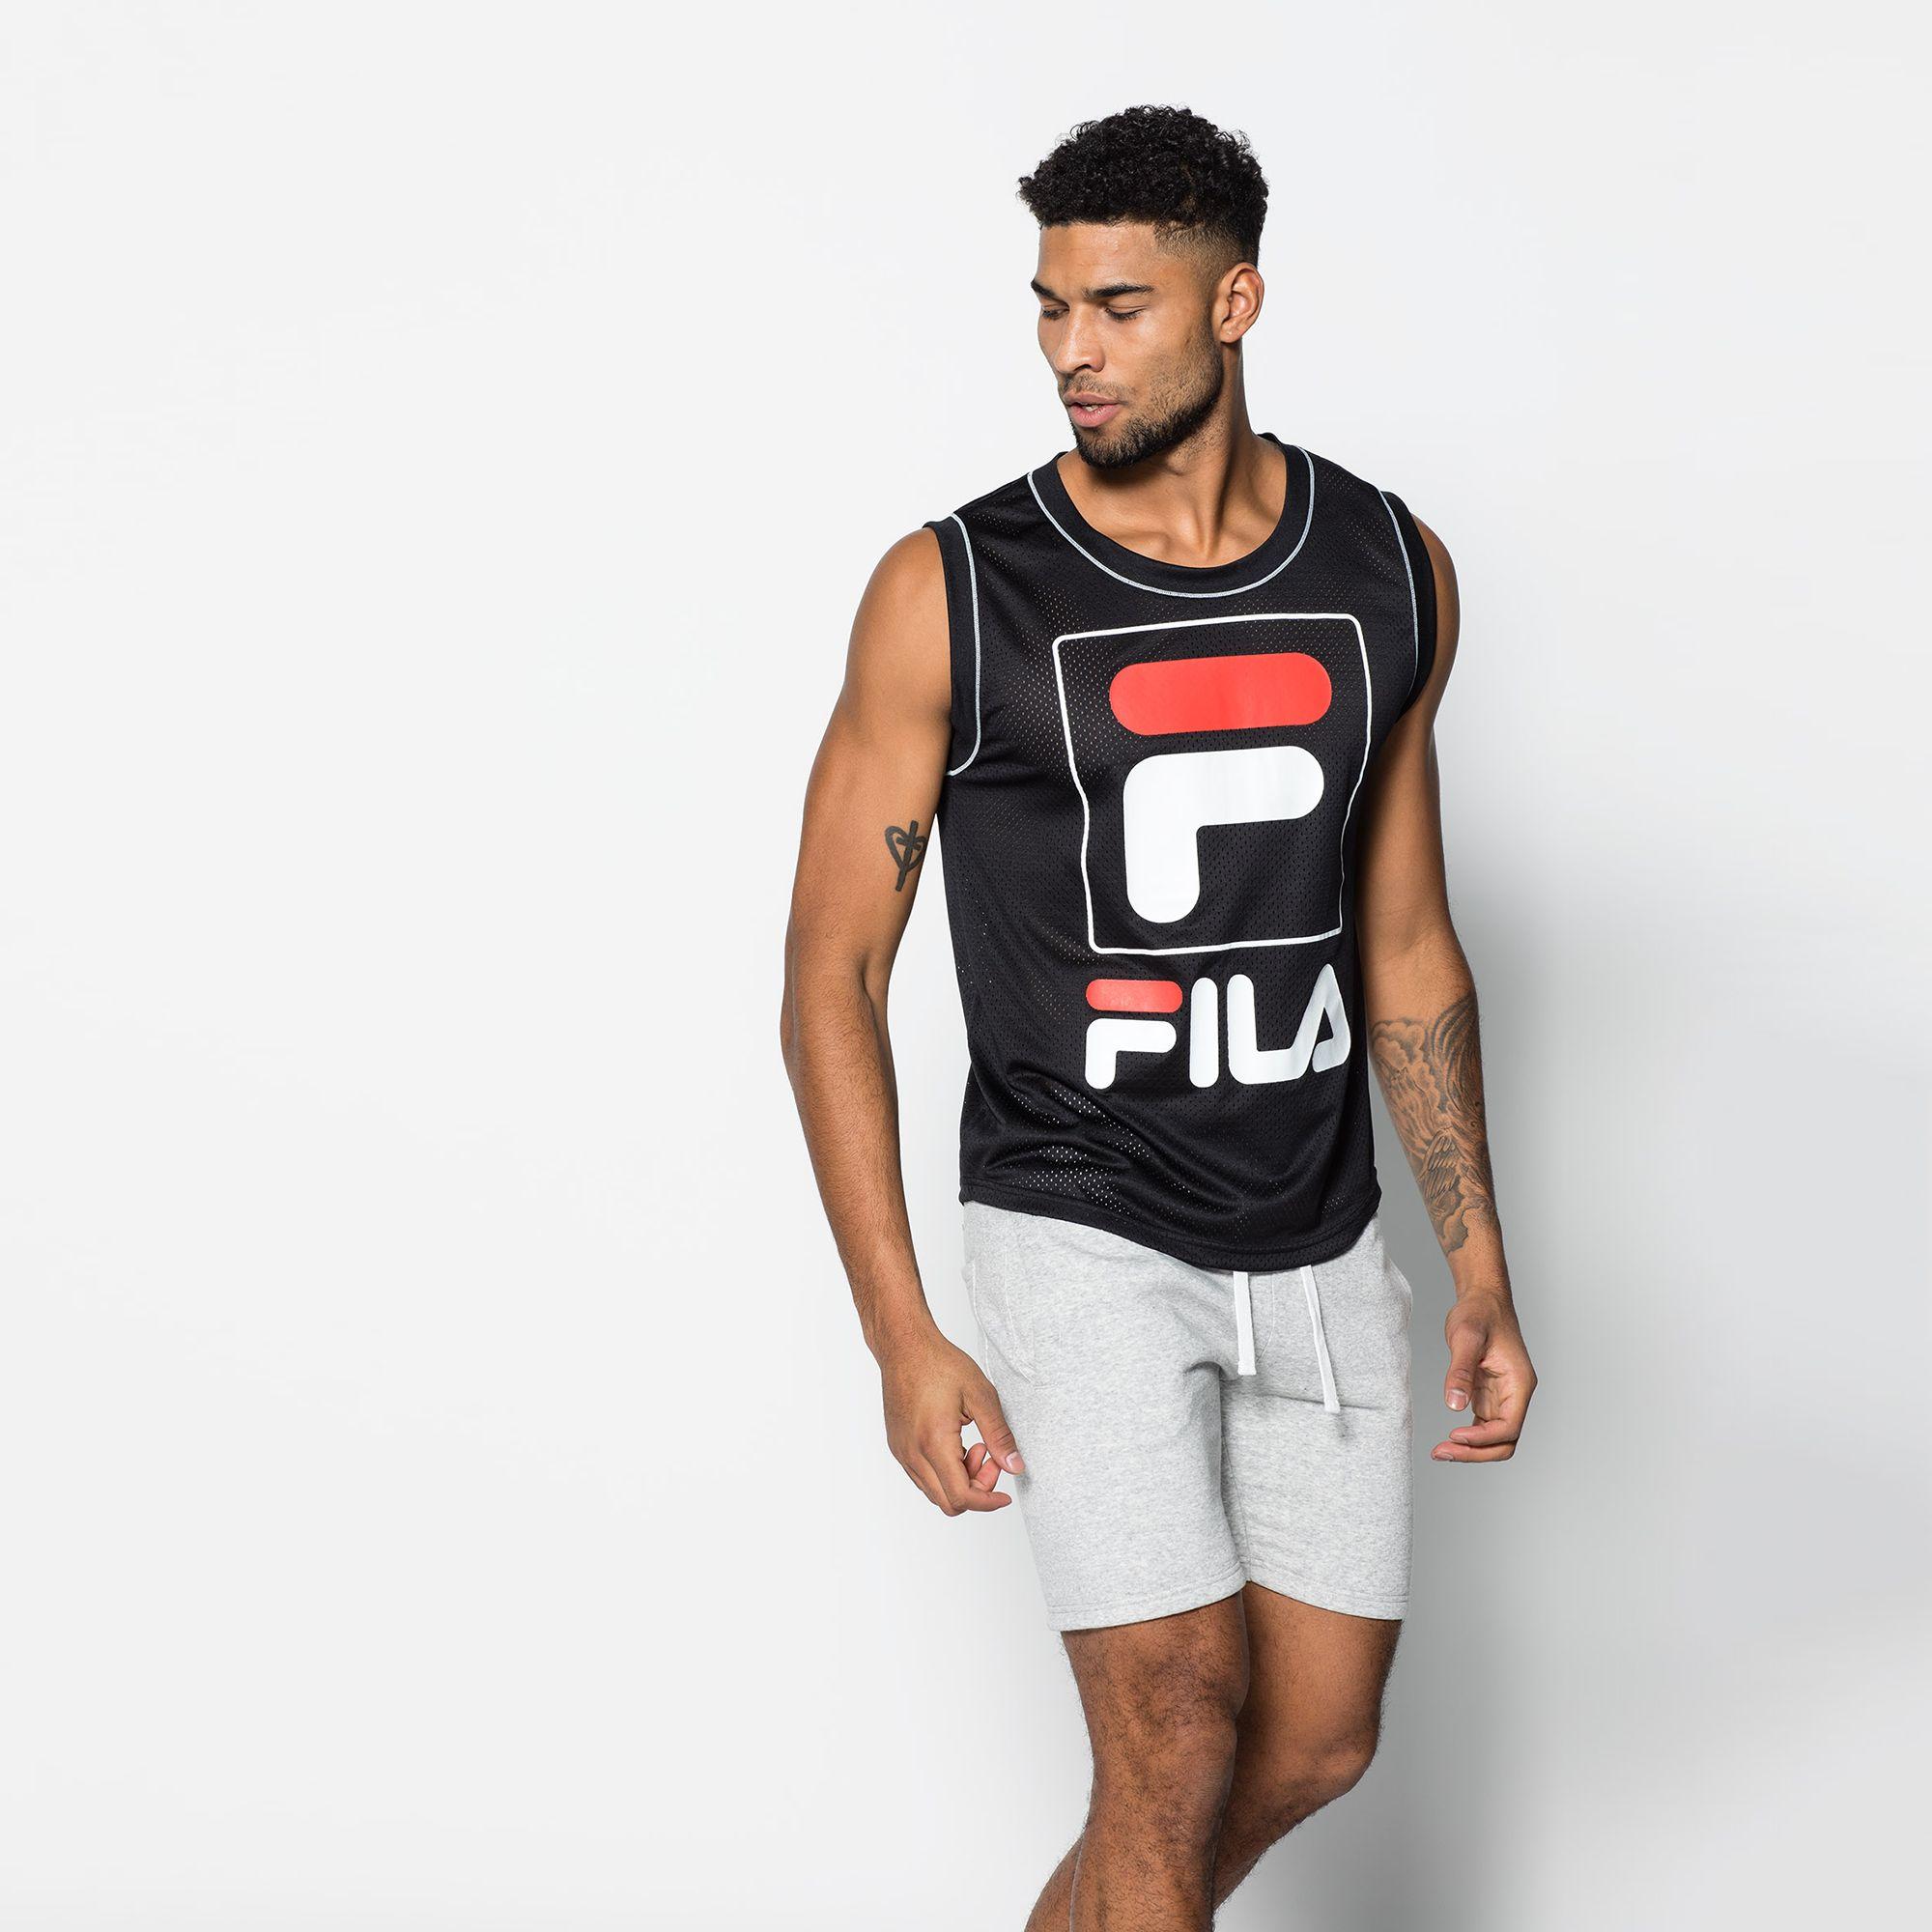 Artikel klicken und genauer betrachten! - Ärmeloses Shirt mit Rundhalsausschnitt Großes FILA Logo auf der Front Herren schwarz Rundhalsausschnitt lässiger Schnitt 100% Polyester | im Online Shop kaufen